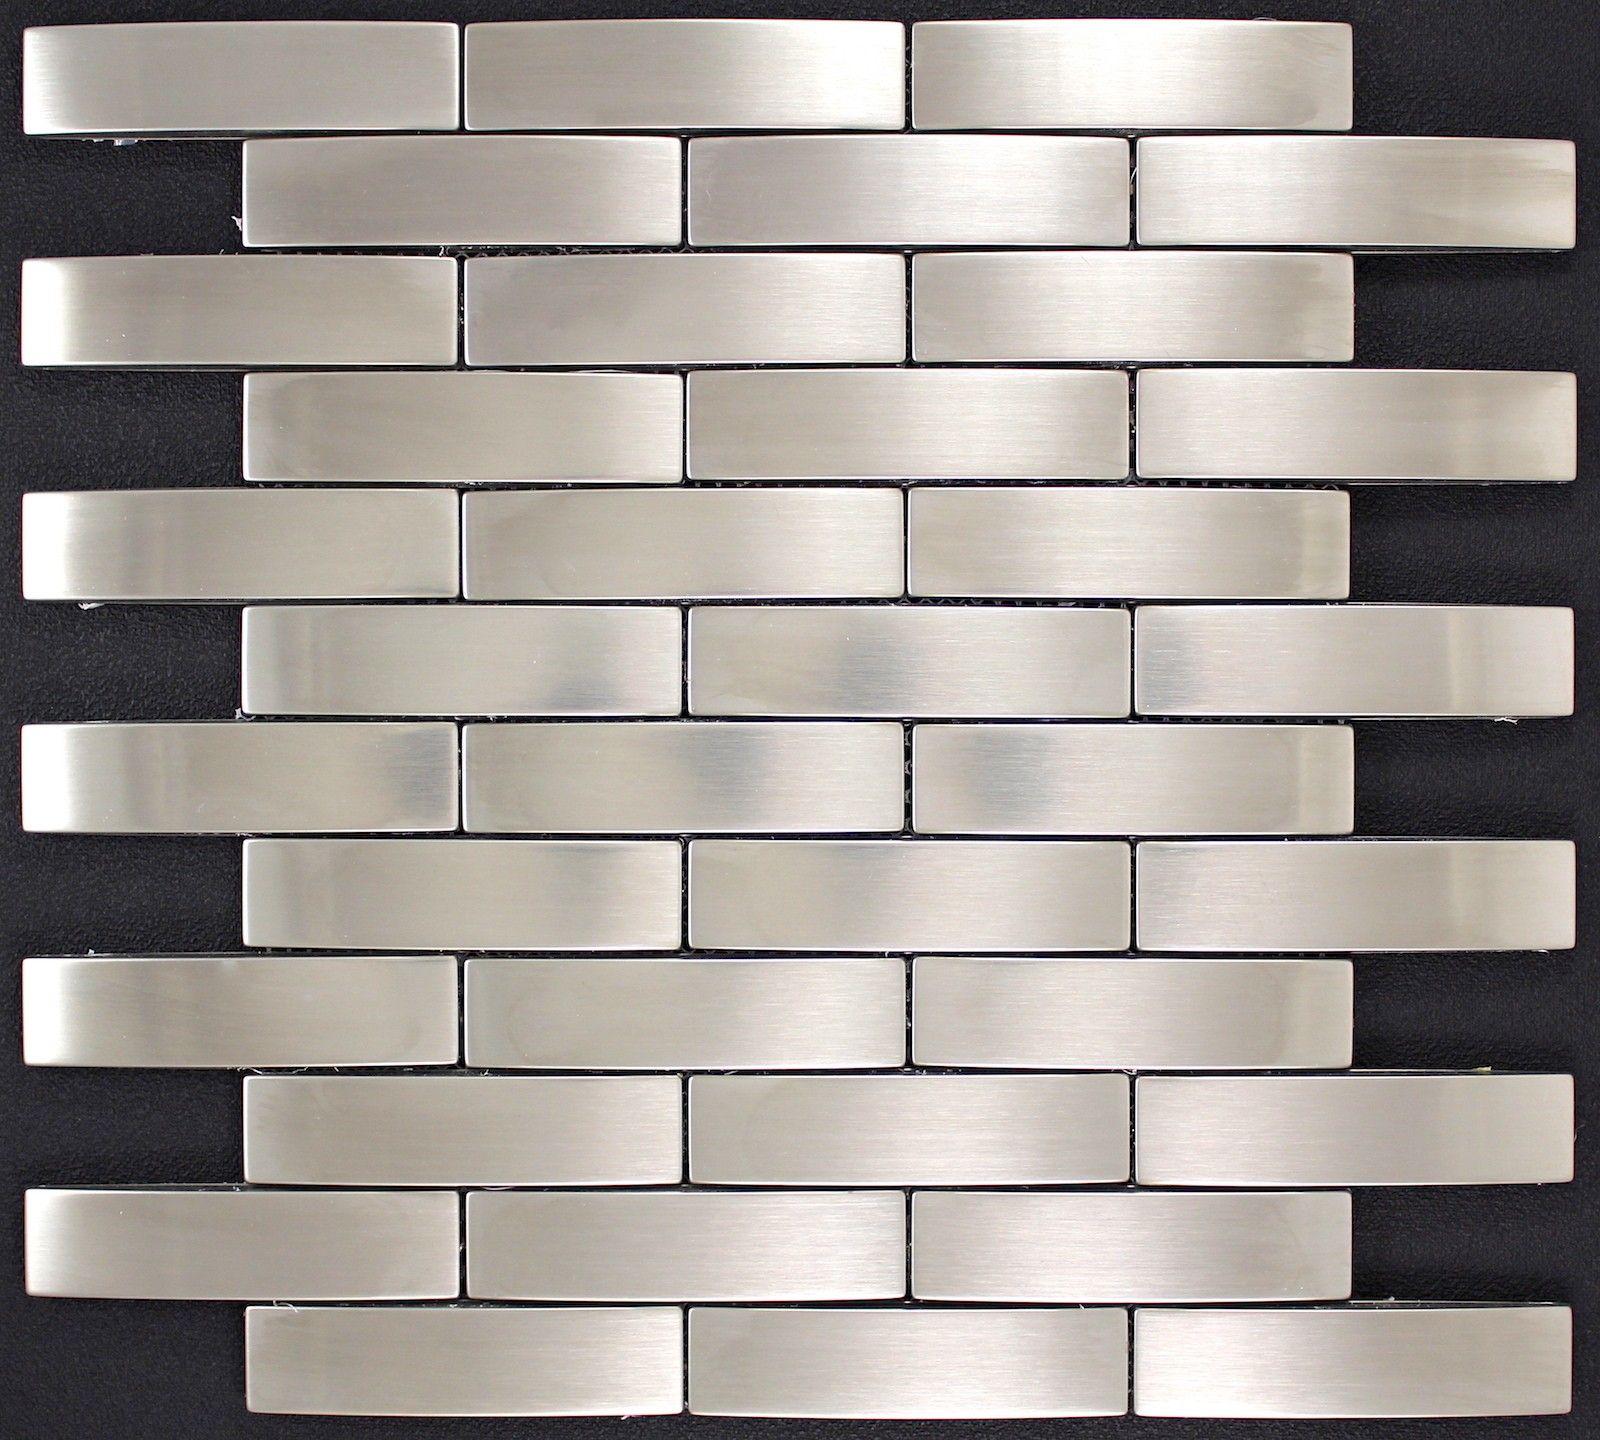 Mosaik Fliesen Aus Edelstahl Mifac Länge Cm Breite - Mosaik fliesen größe